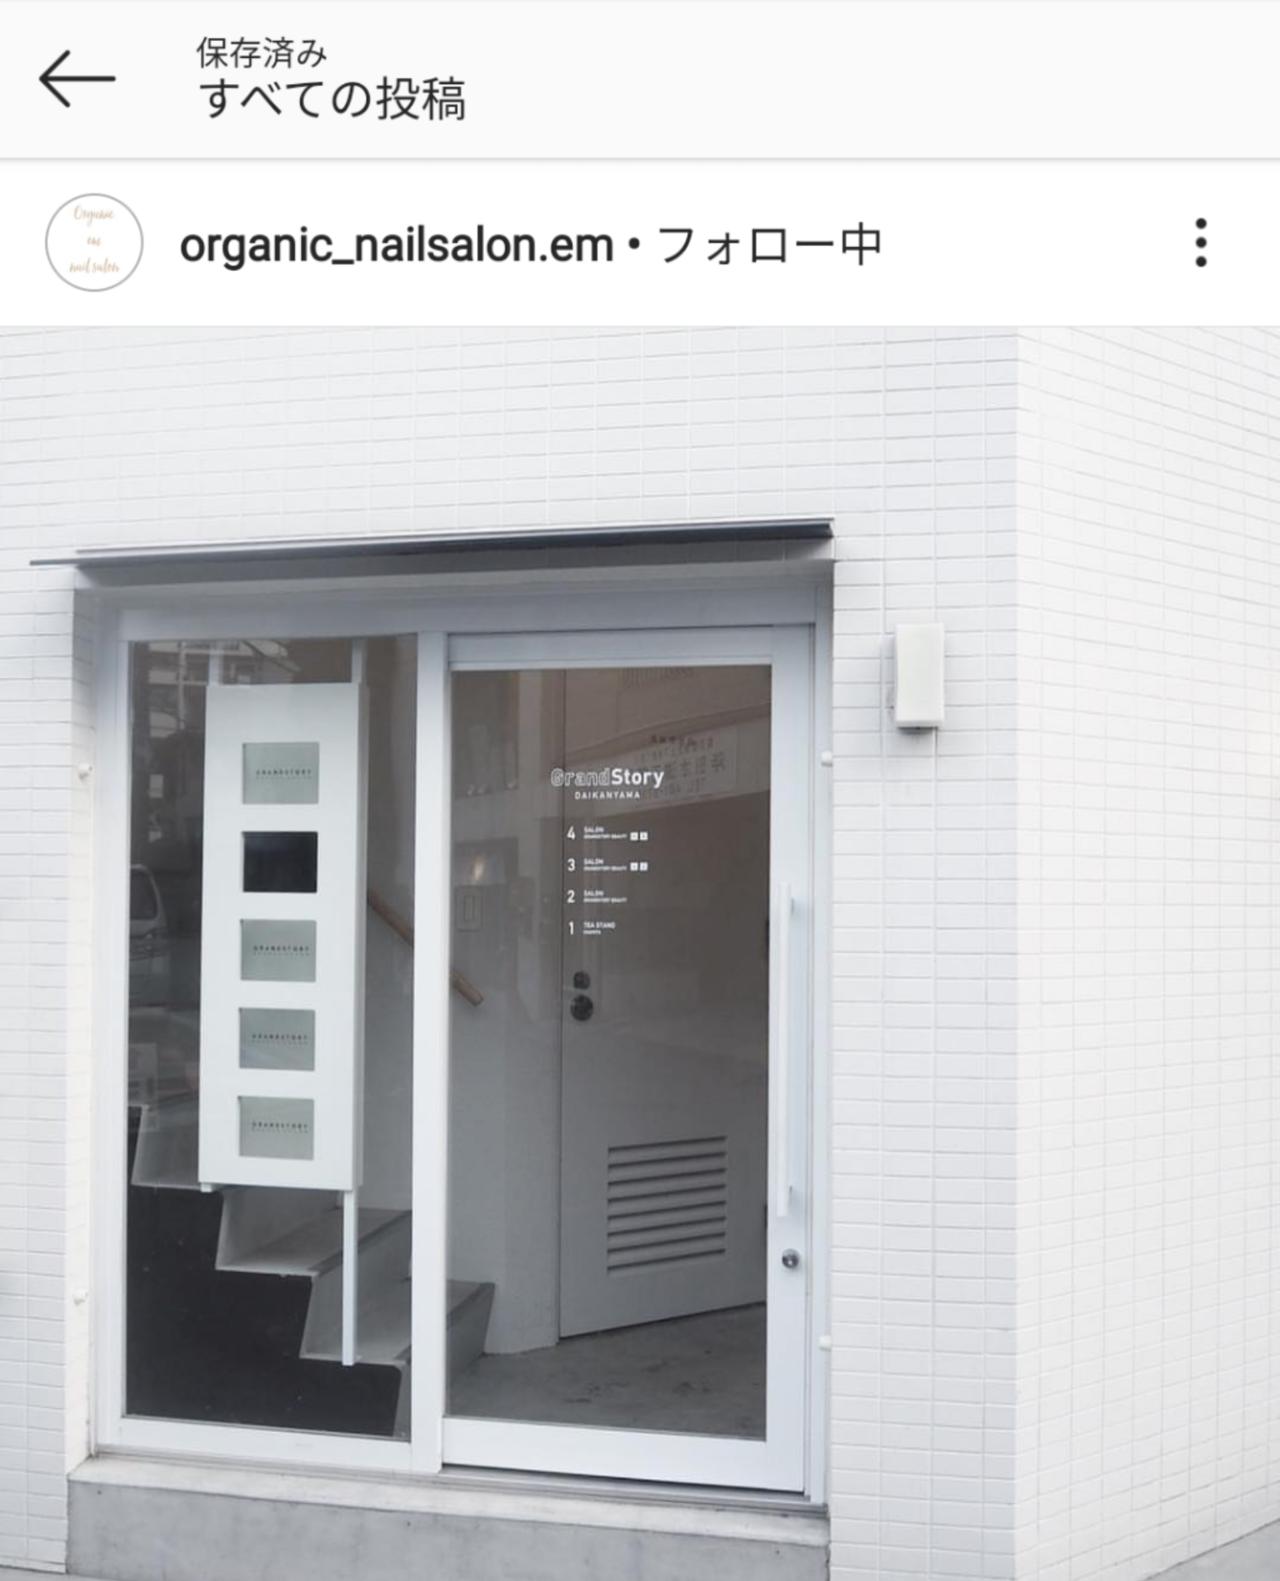 将来やりたいカフェ(雑貨店)のイメージにかなり近いです。